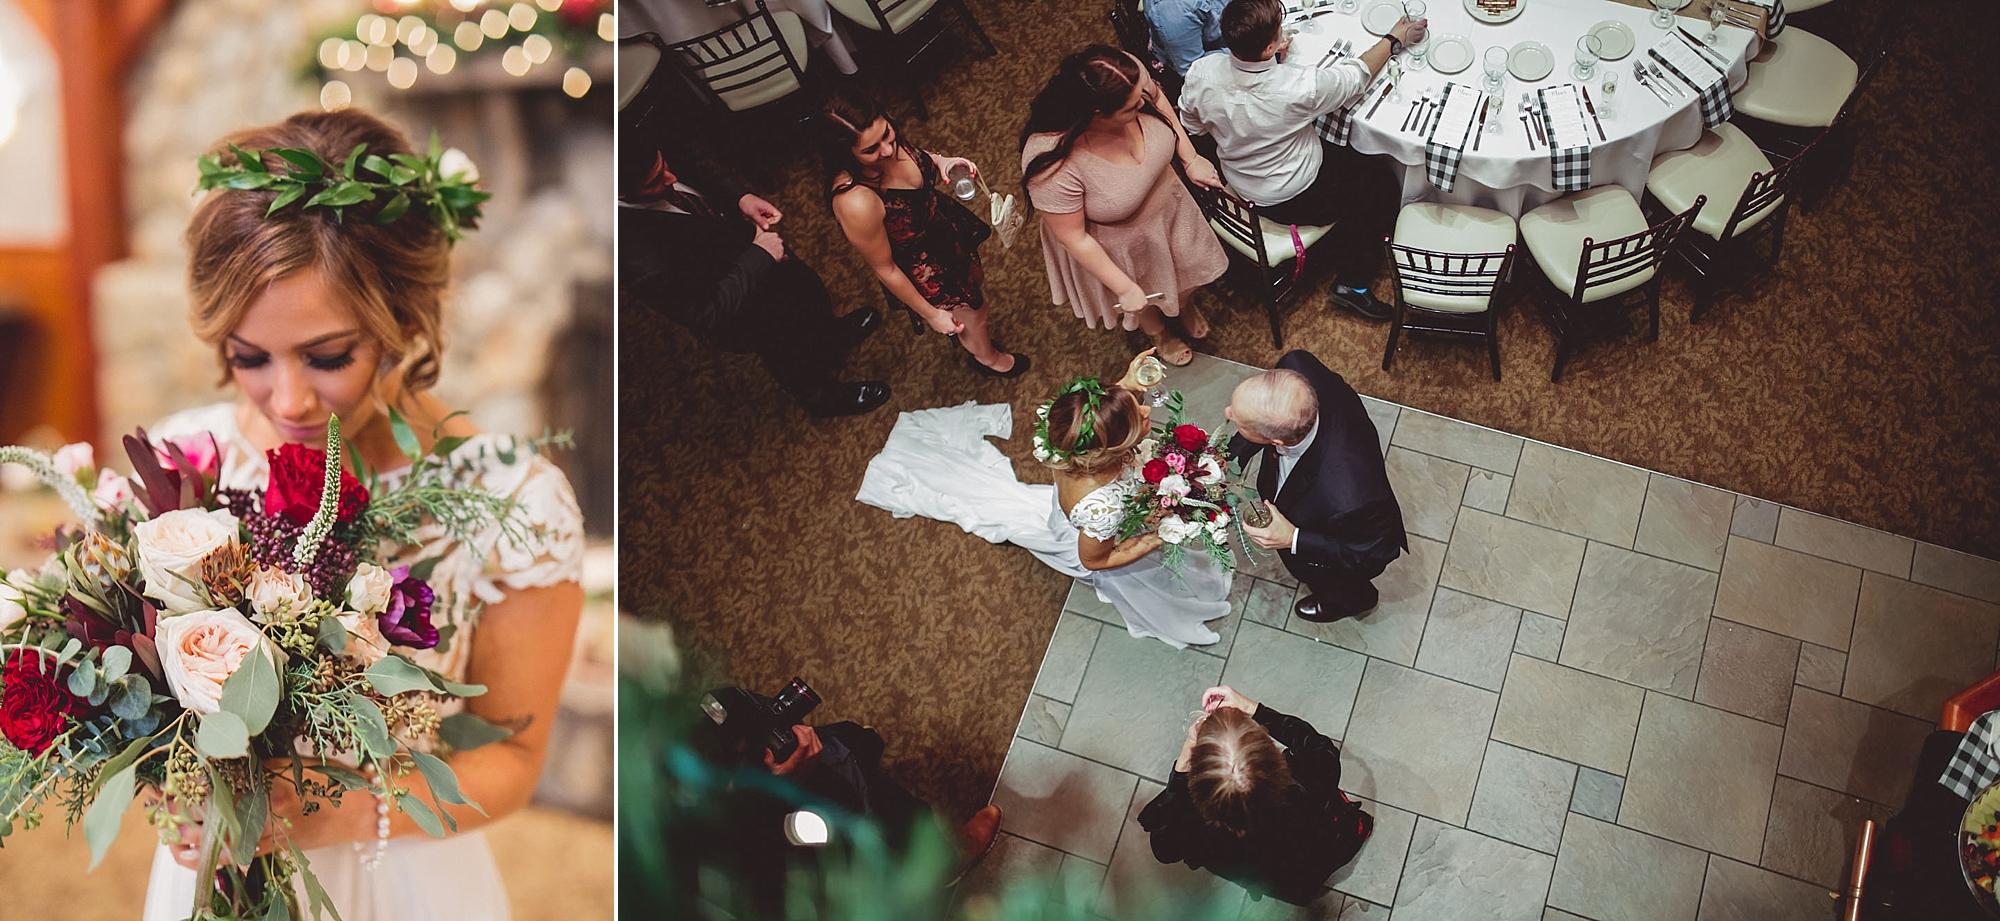 Tweaksbury-country-clup-wedding-59.jpg